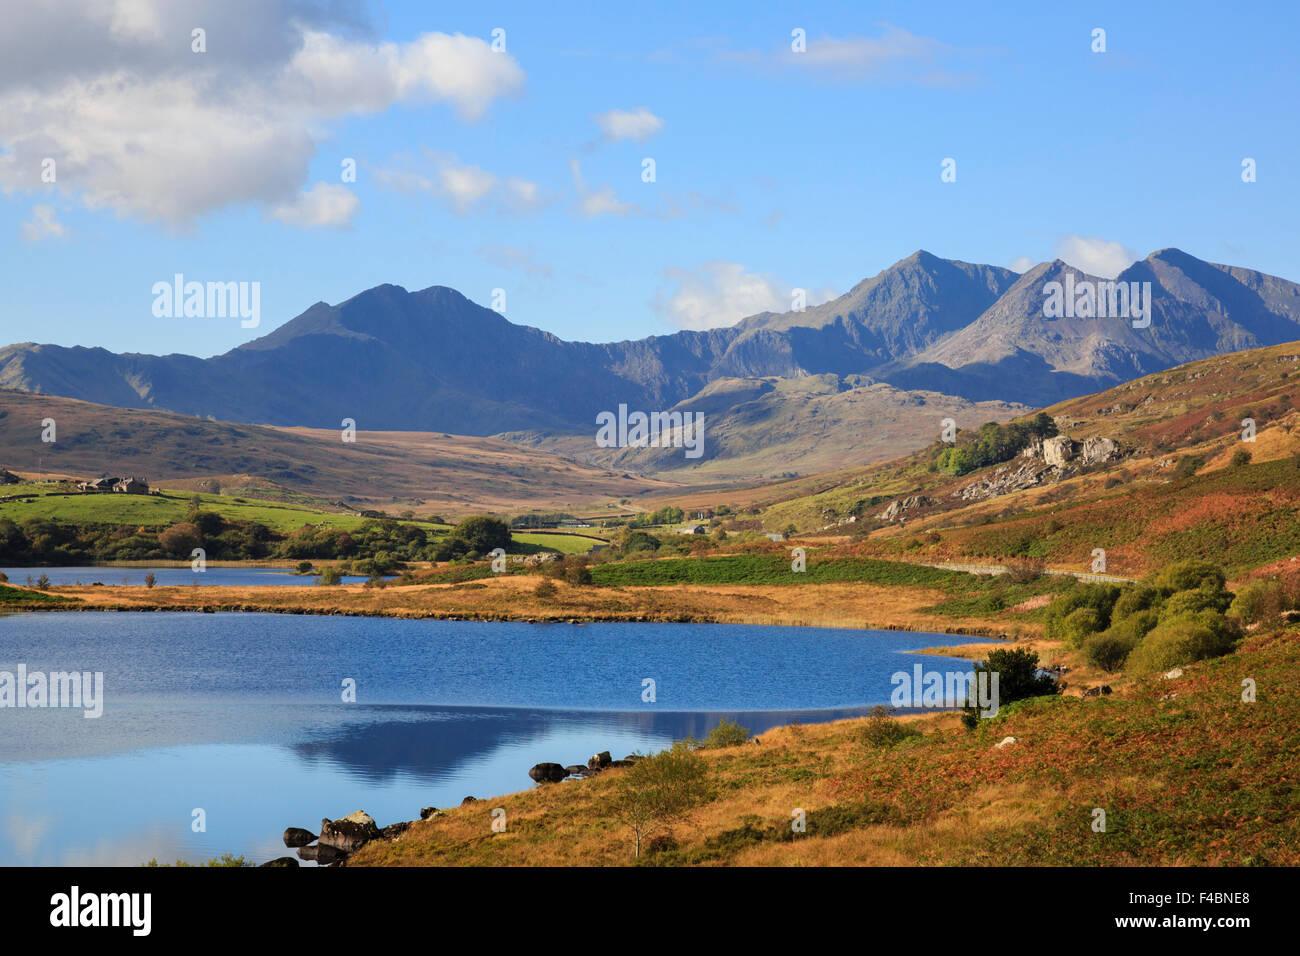 Vistas al Monte Snowdon horseshoe montañas a través Llynnau Mymbyr lagos en el Parque Nacional de Snowdonia Imagen De Stock